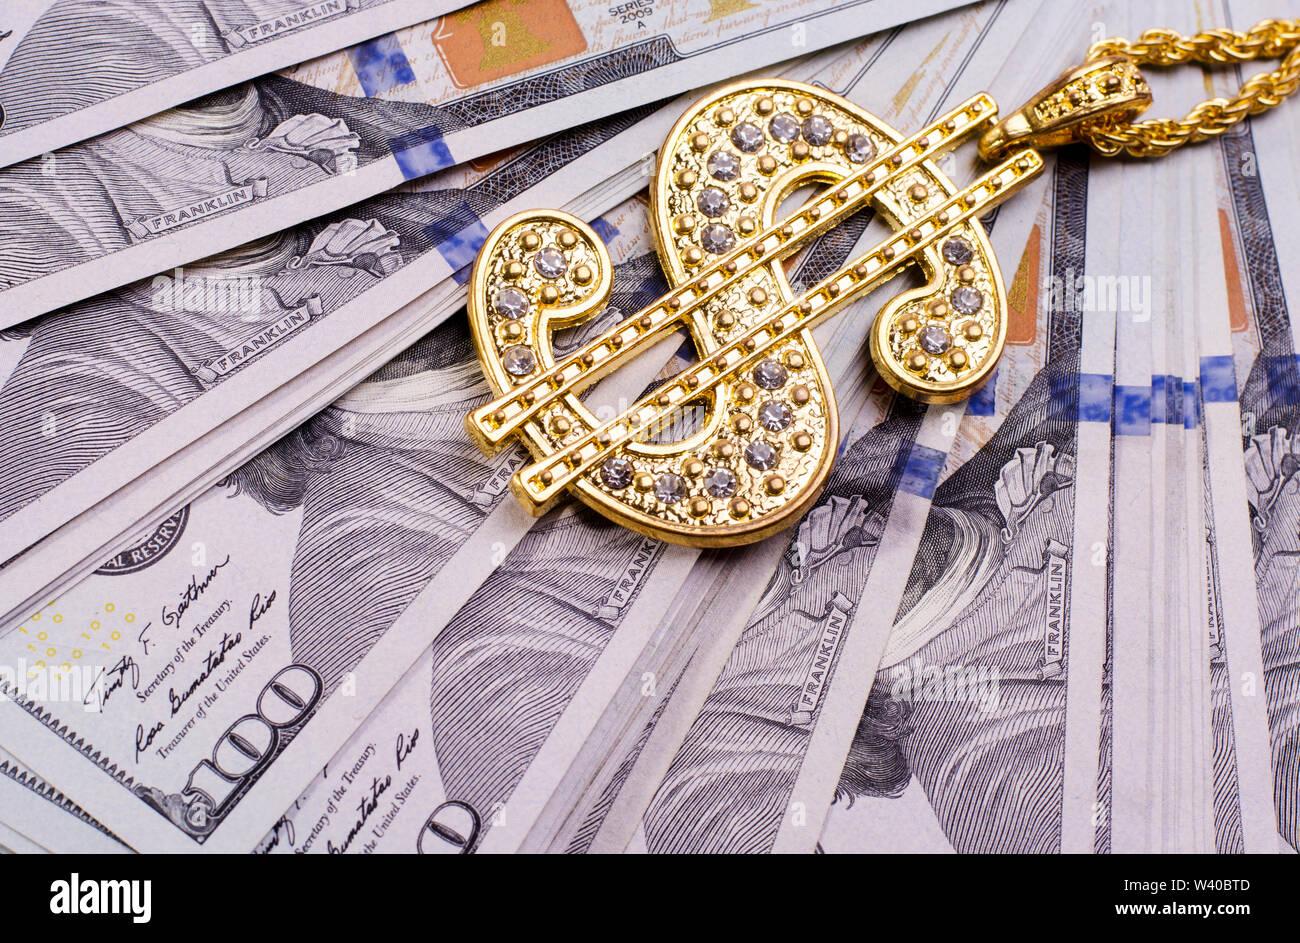 Signo de dólar Collar de oro en dólares de los Estados Unidos de billetes. Fondo de negocio financiero. Imagen De Stock